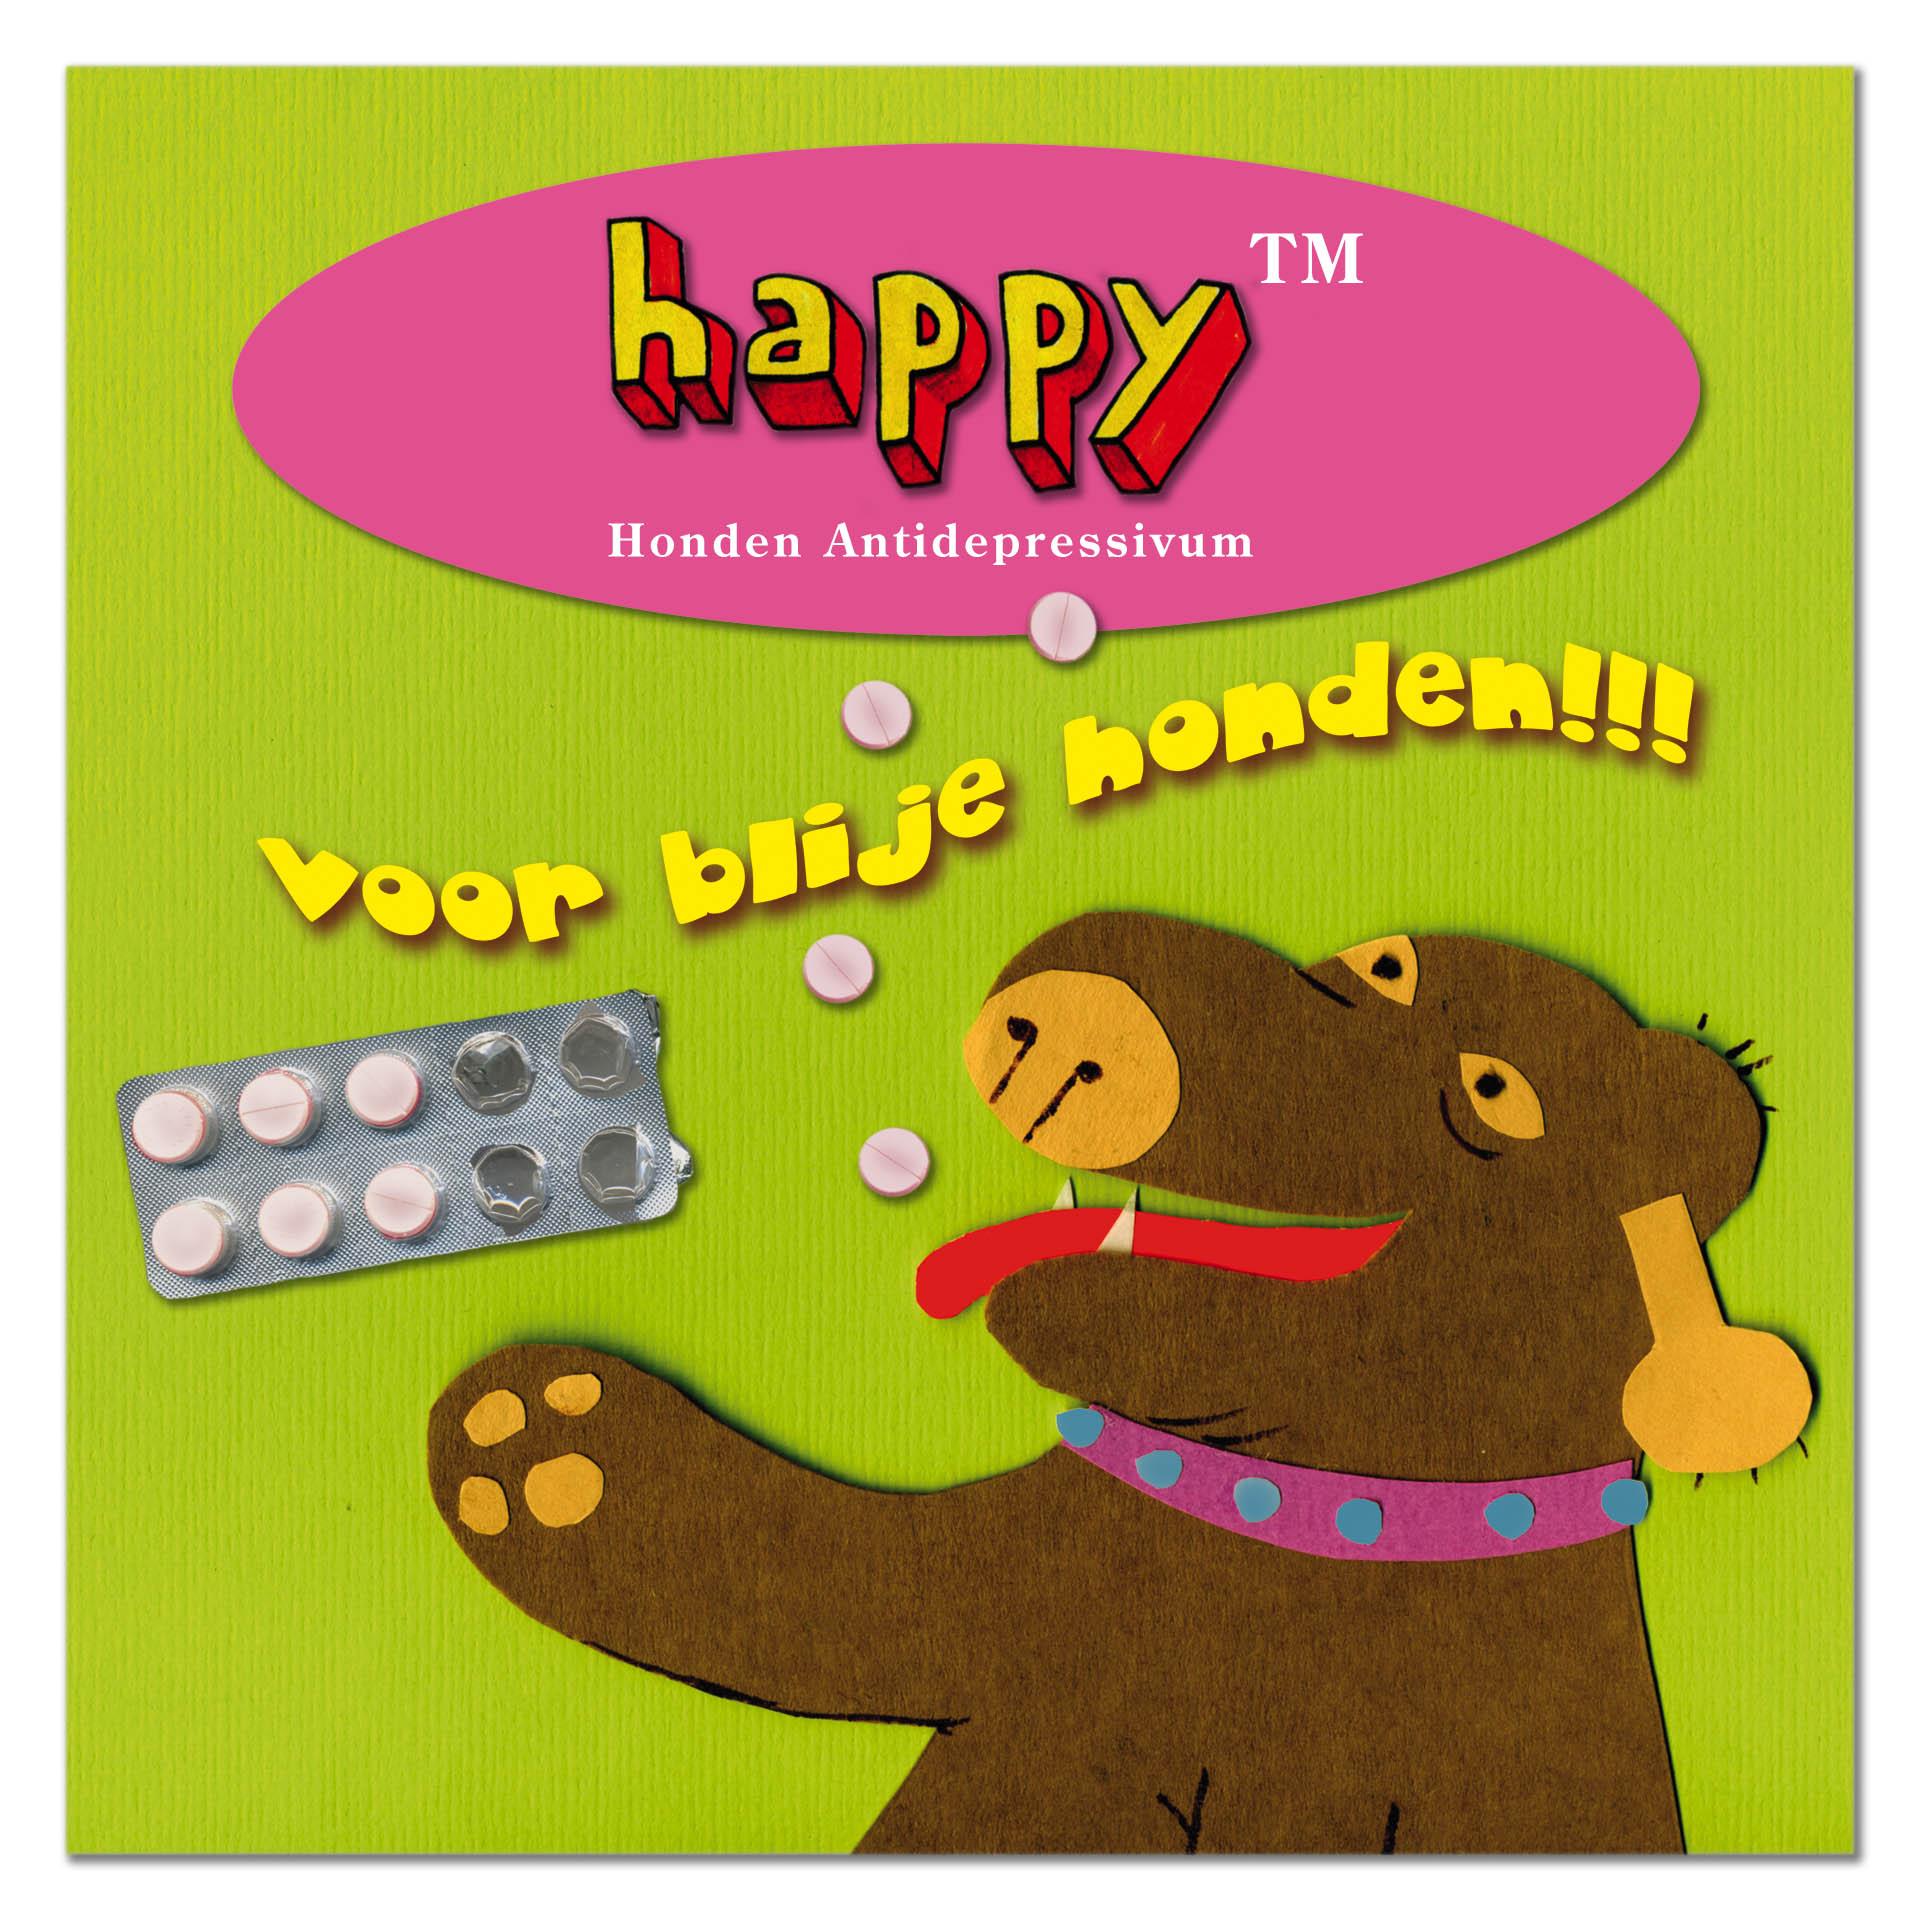 NRC 8.honden antidepressivum.jpg